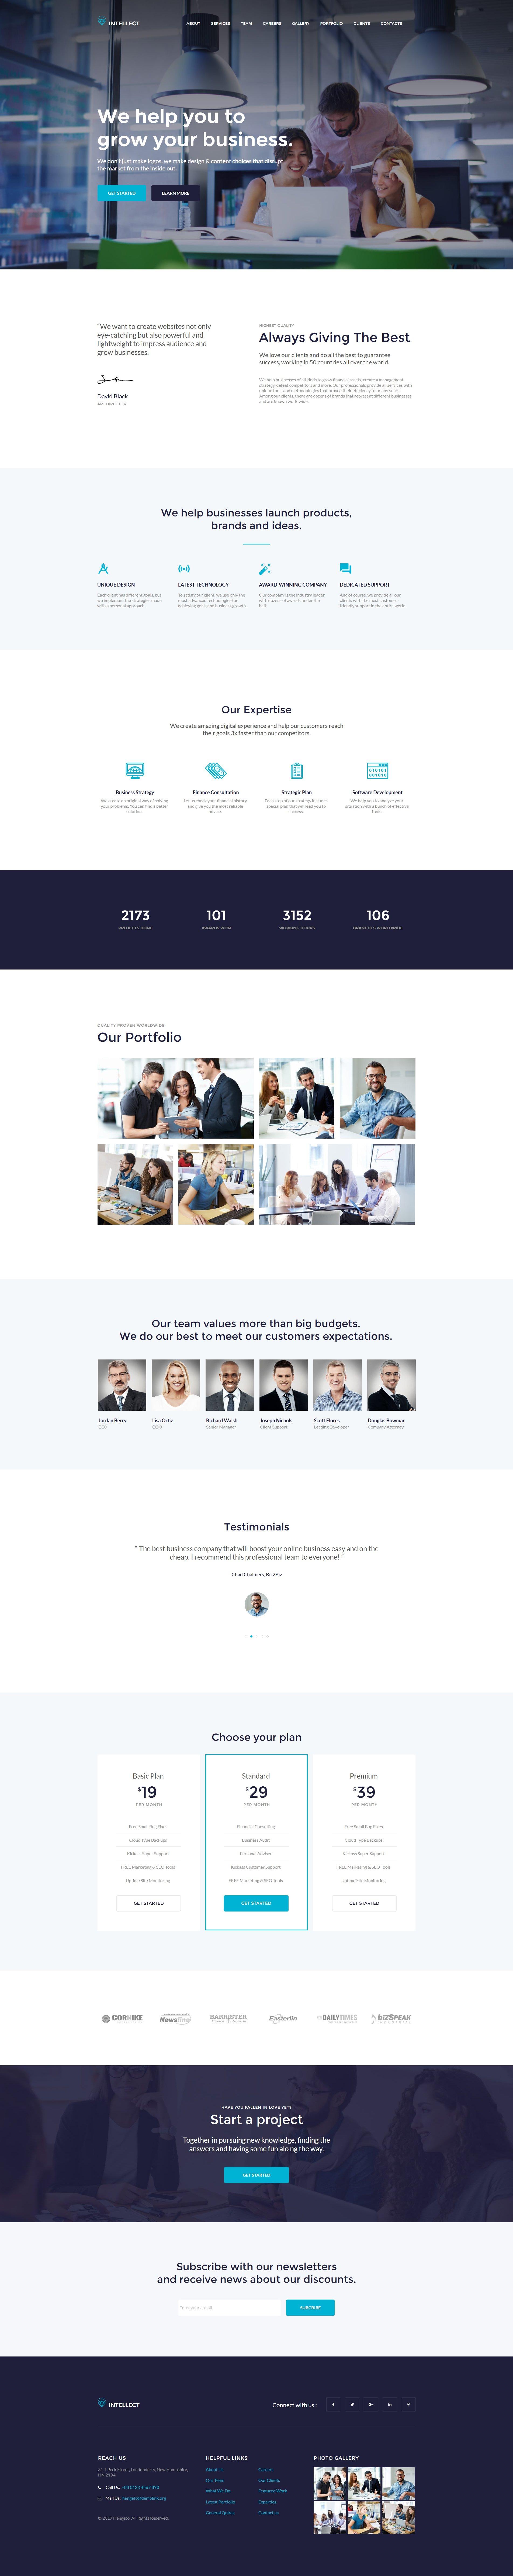 Intellect - Business №63444 - скриншот